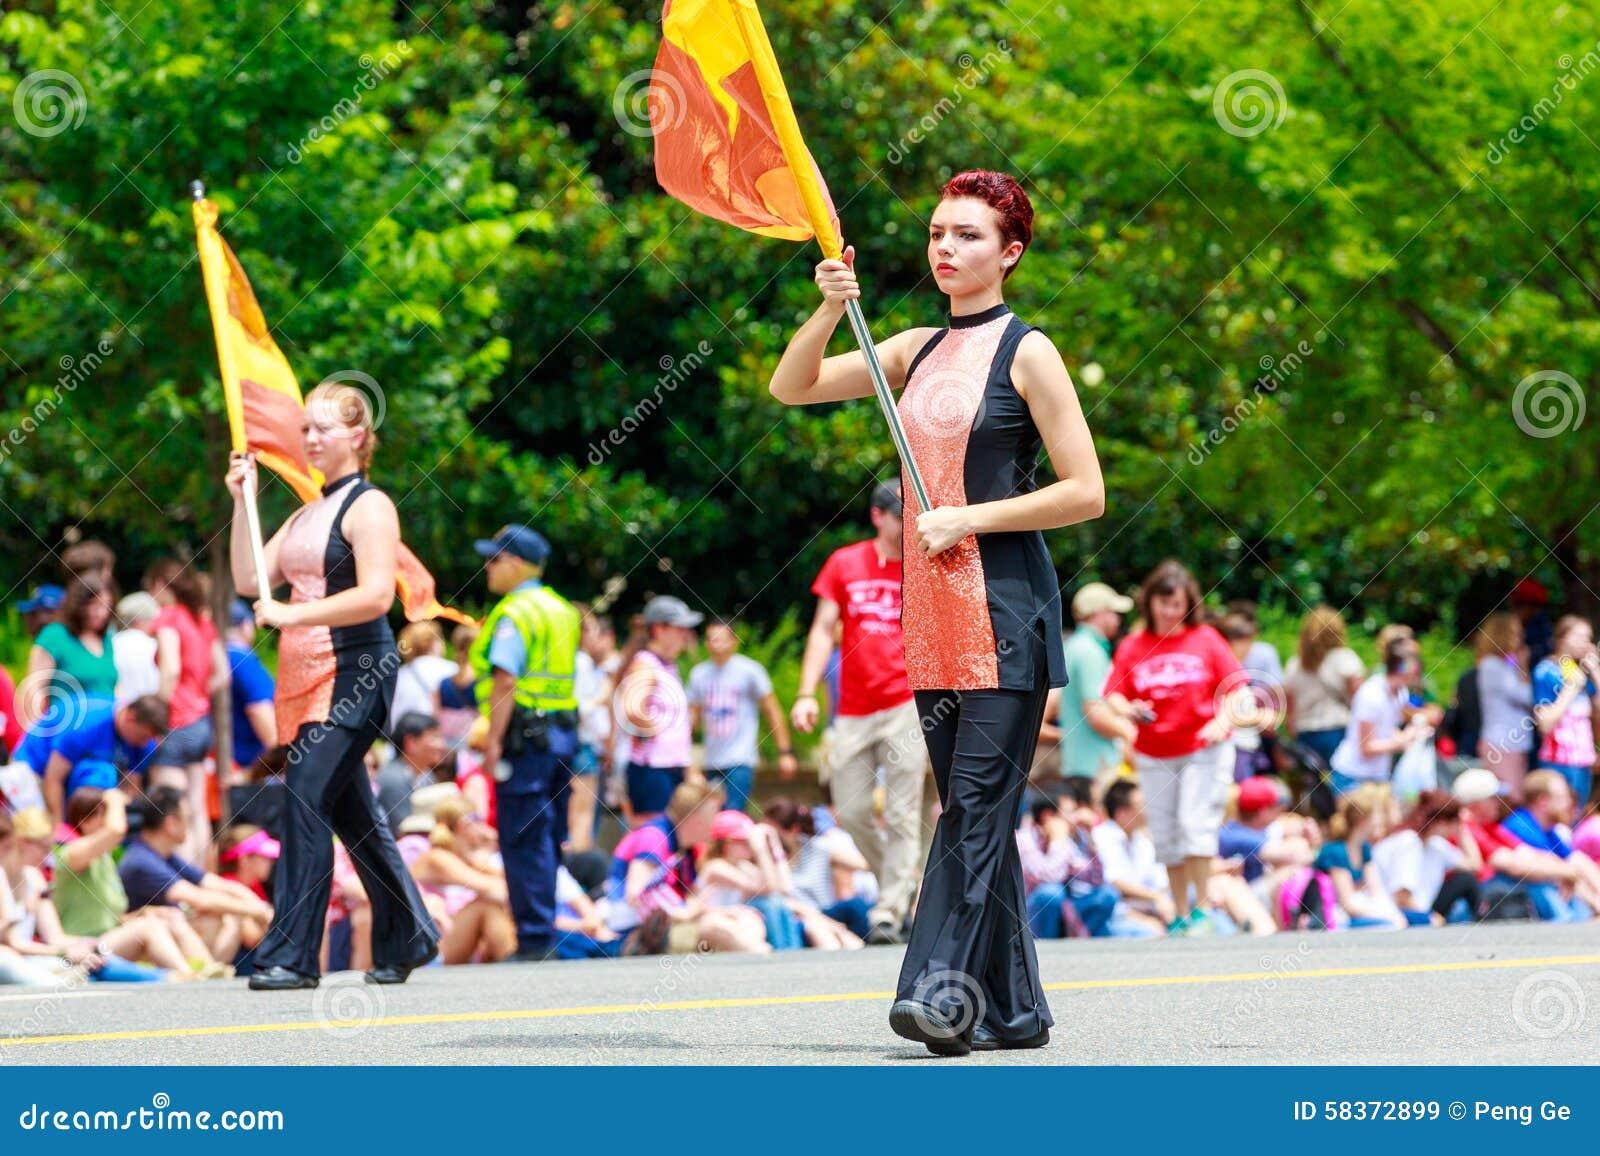 Εθνική παρέλαση 2015 ημέρας της ανεξαρτησίας